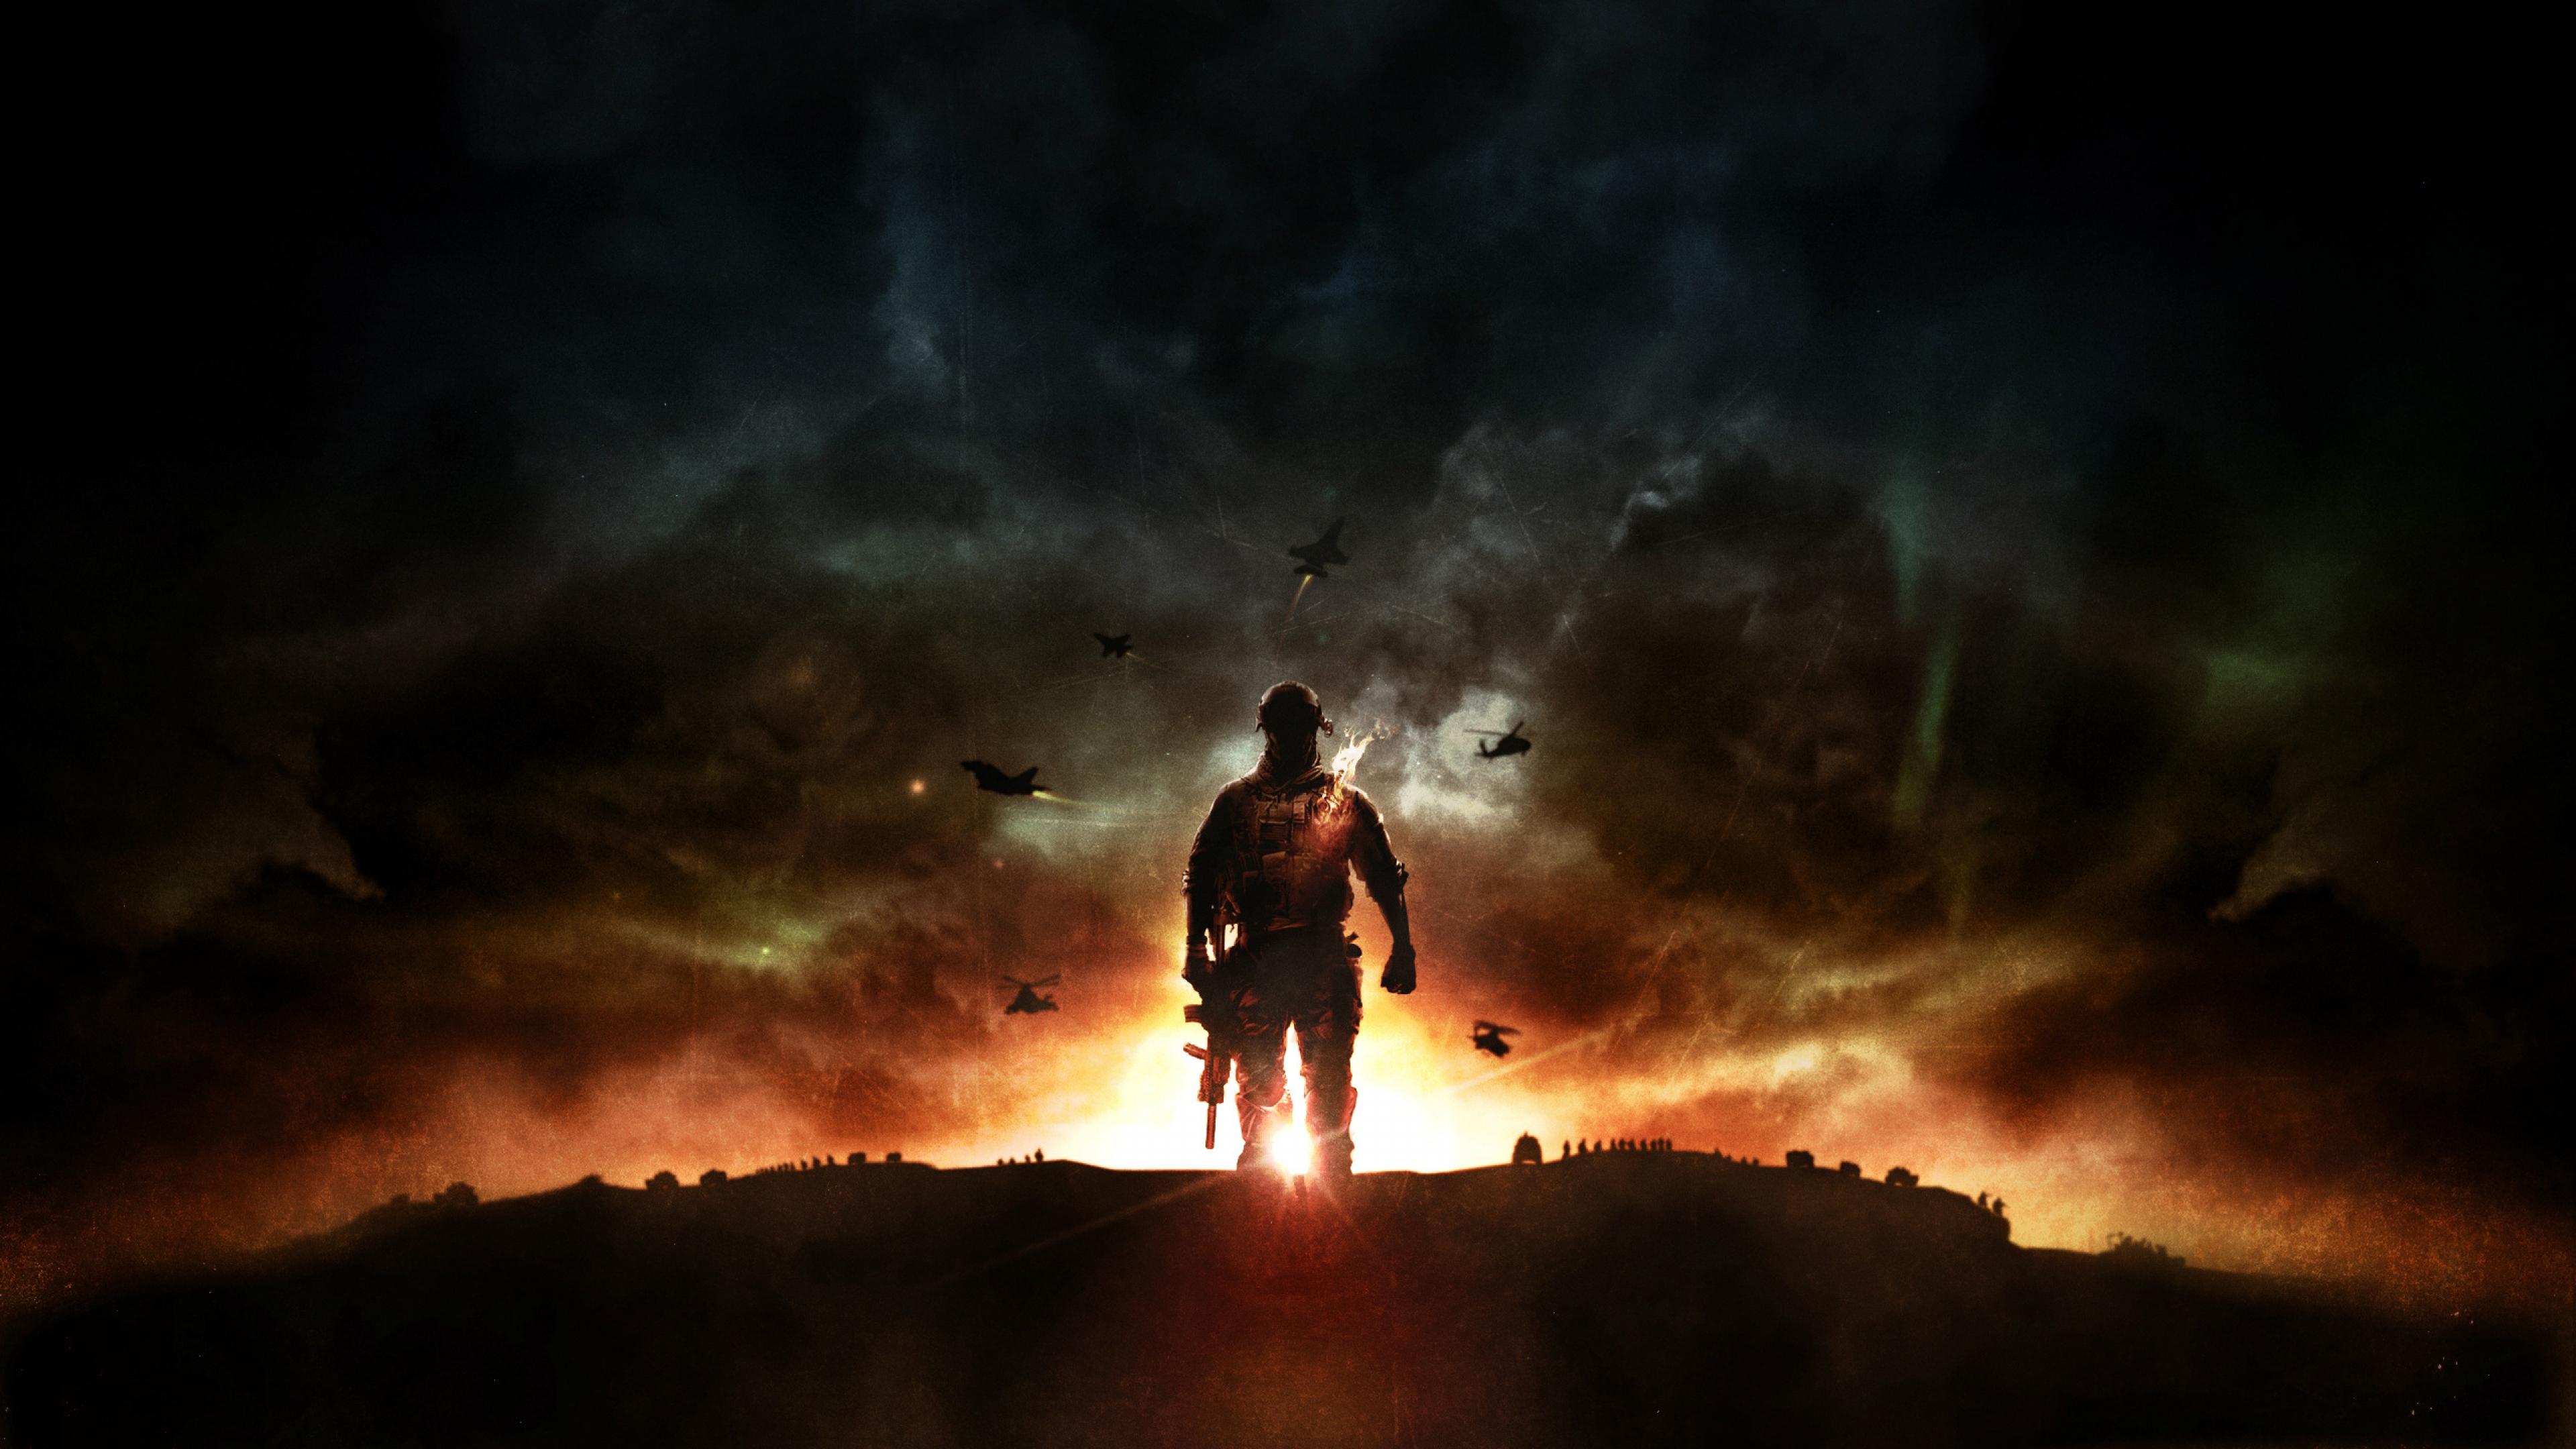 4K Ultra HD Battlefield 4 Wallpapers HD, Desktop Backgrounds